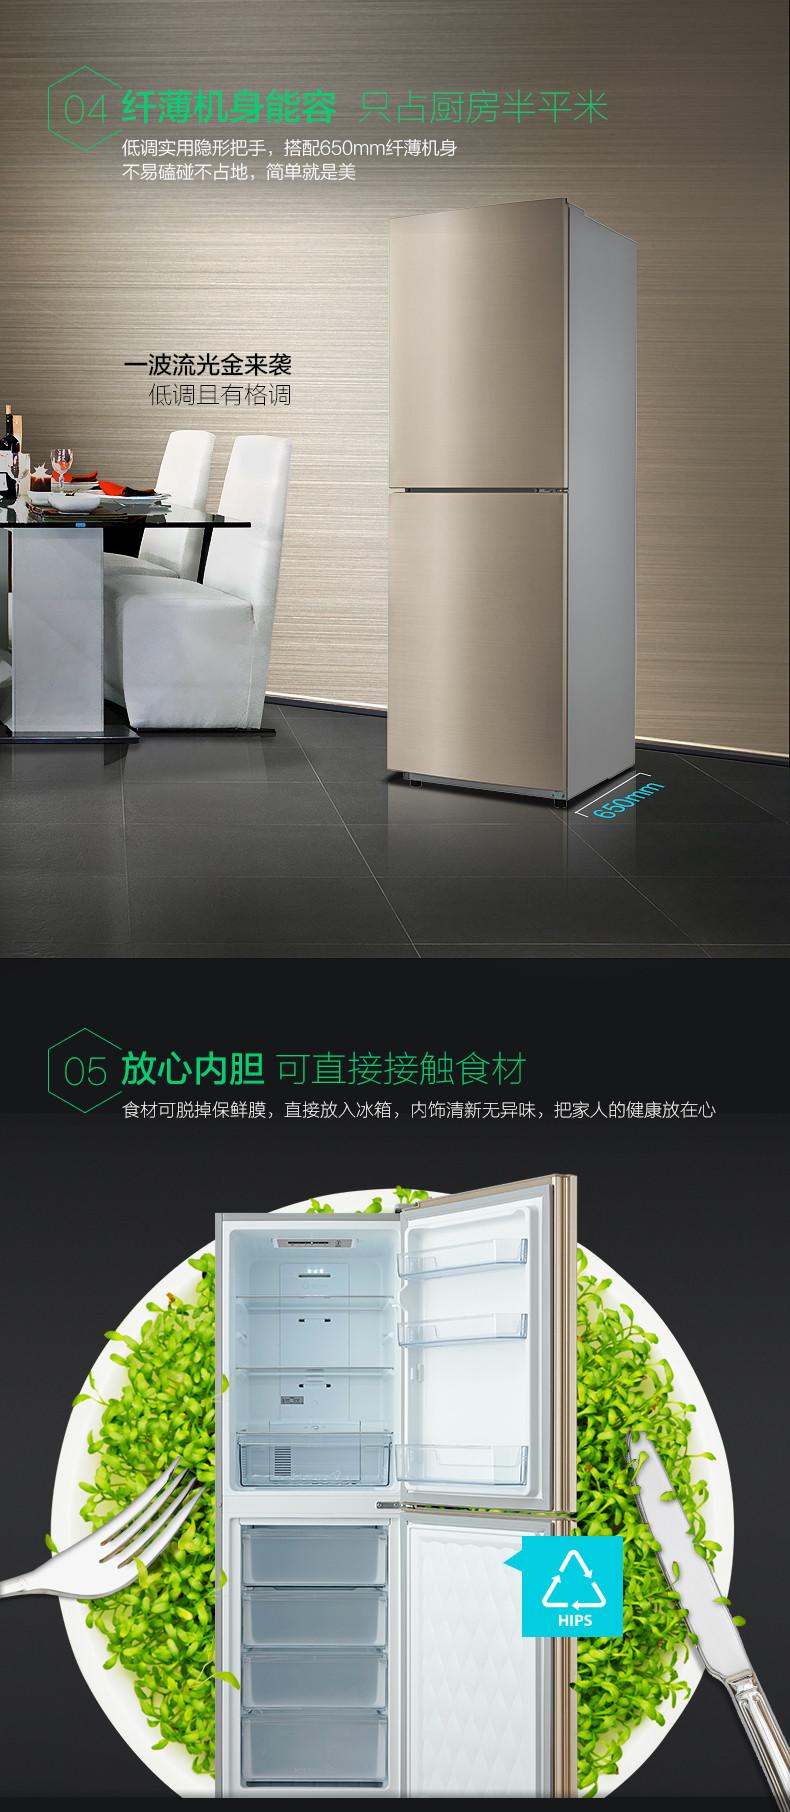 【苏宁专供】美的冰箱BCD-236WM(E)流光金